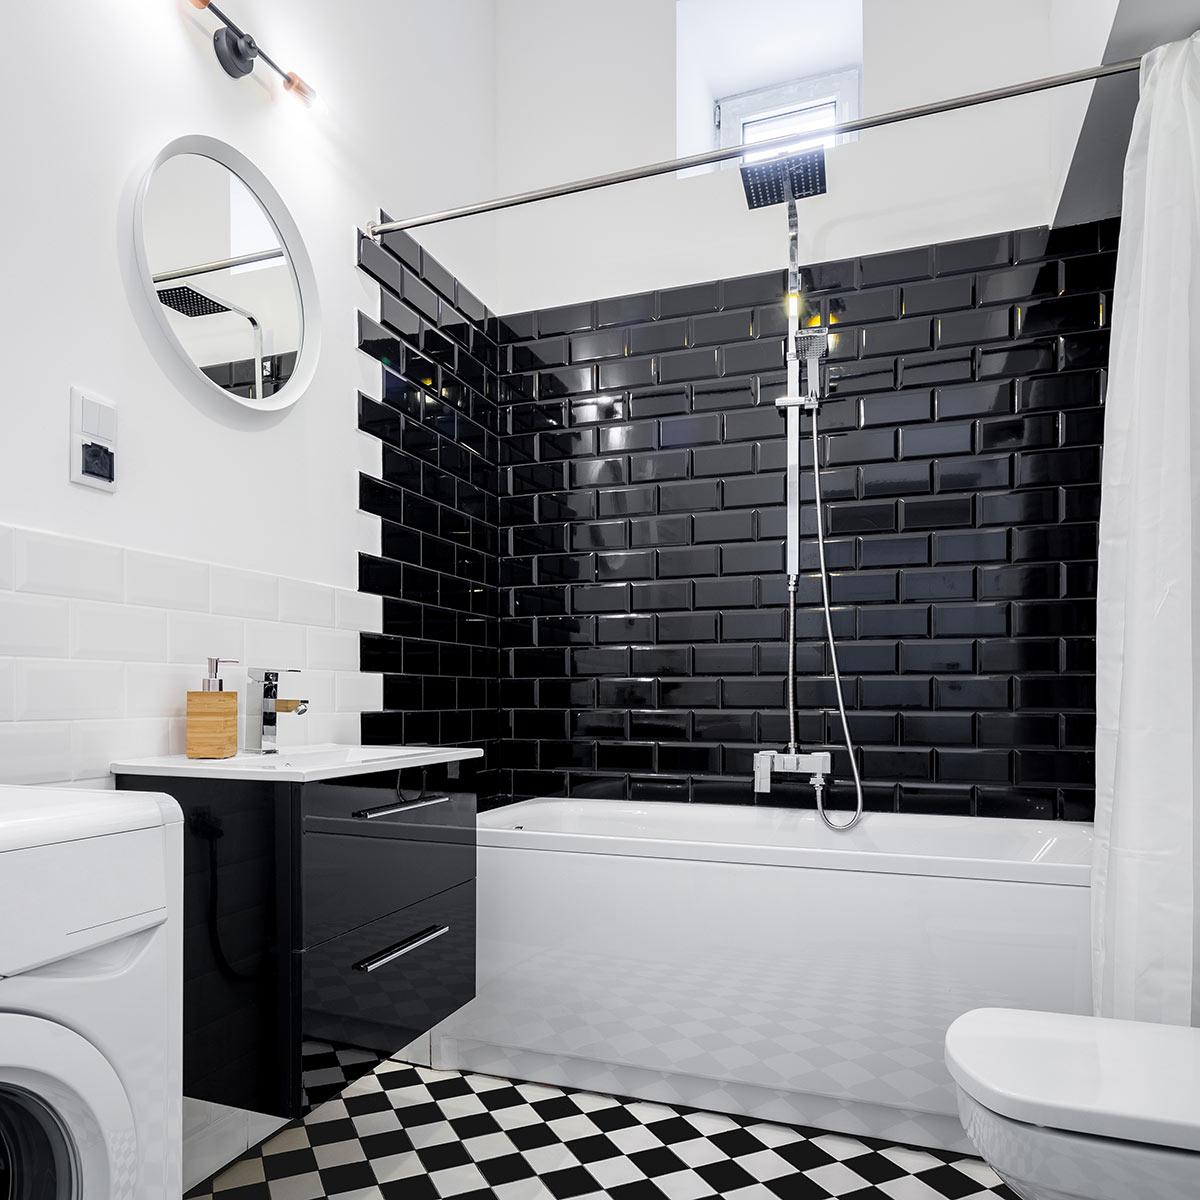 Bagno design con interno doccia rivestito con piastrelle nere effetto mattoncini.